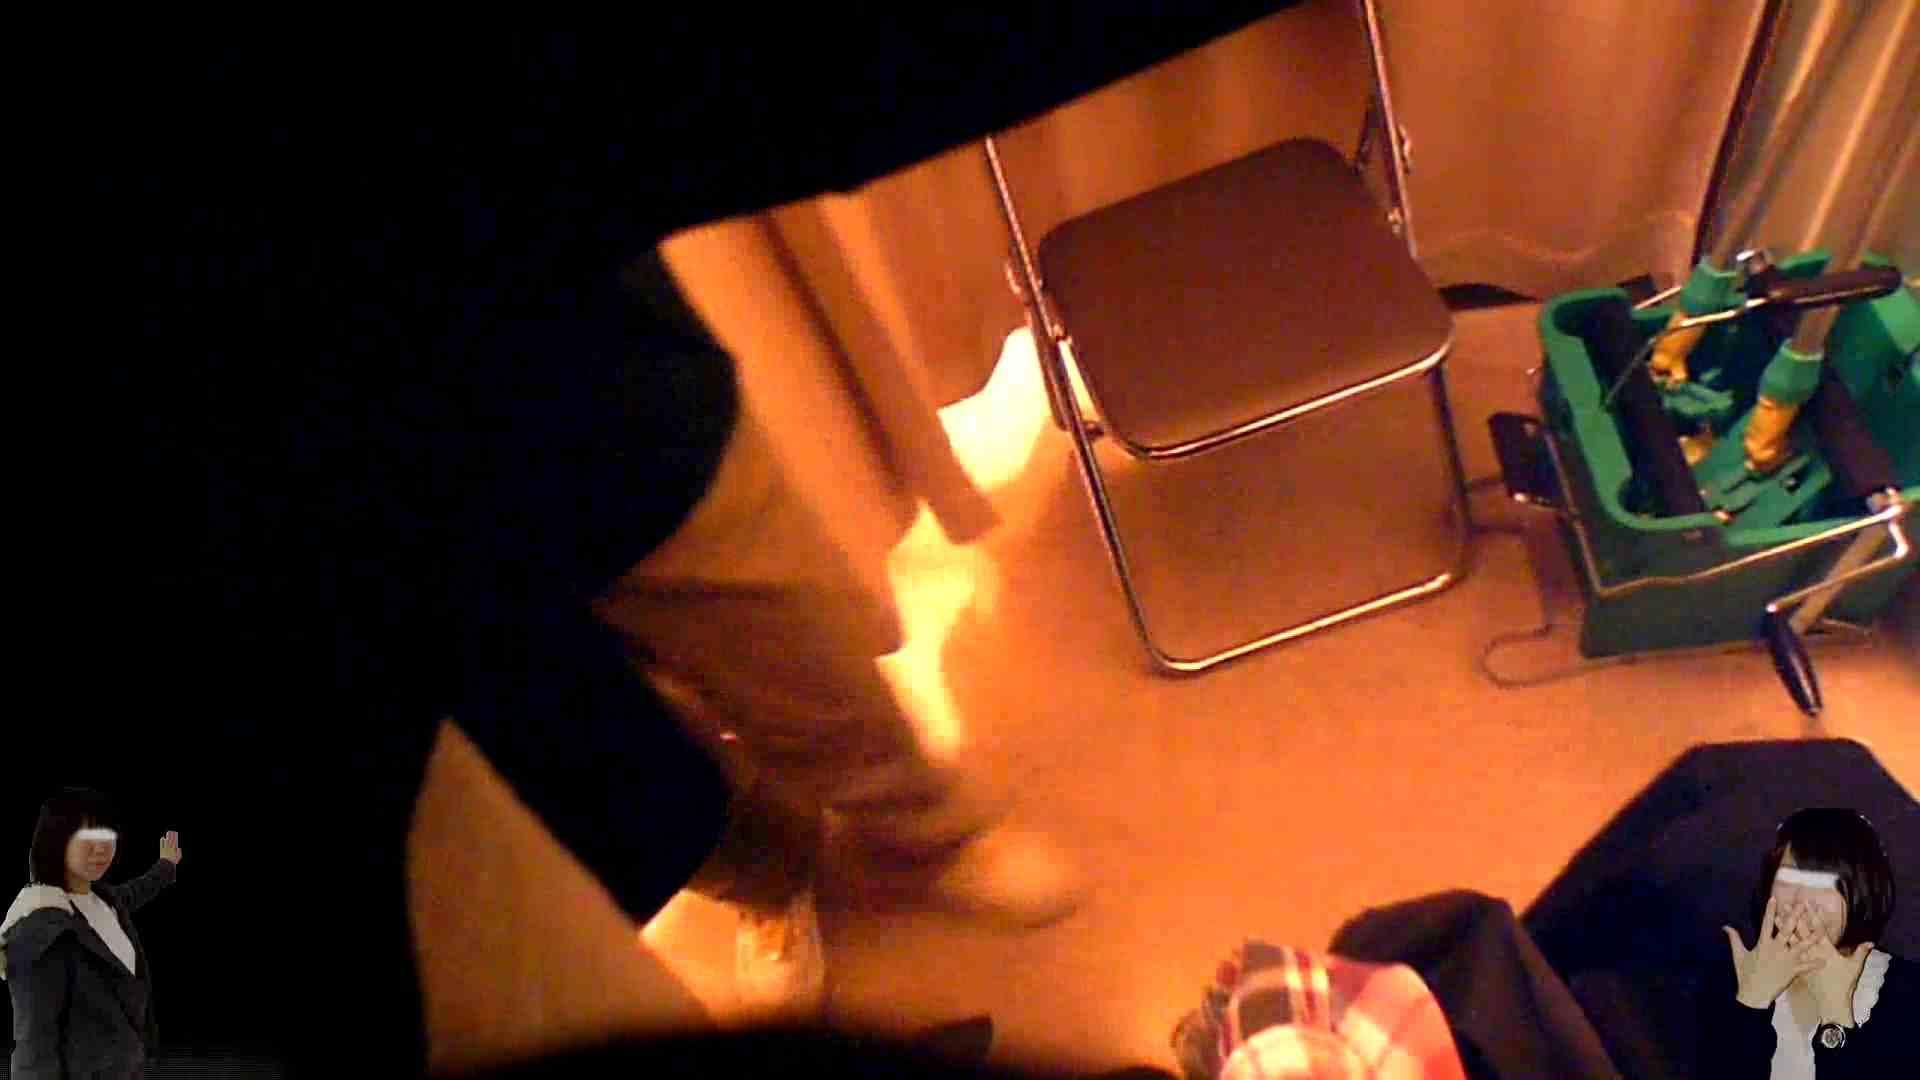 素人投稿 現役「JD」Eちゃんの着替え Vol.04 素人丸裸 おまんこ無修正動画無料 107pic 6